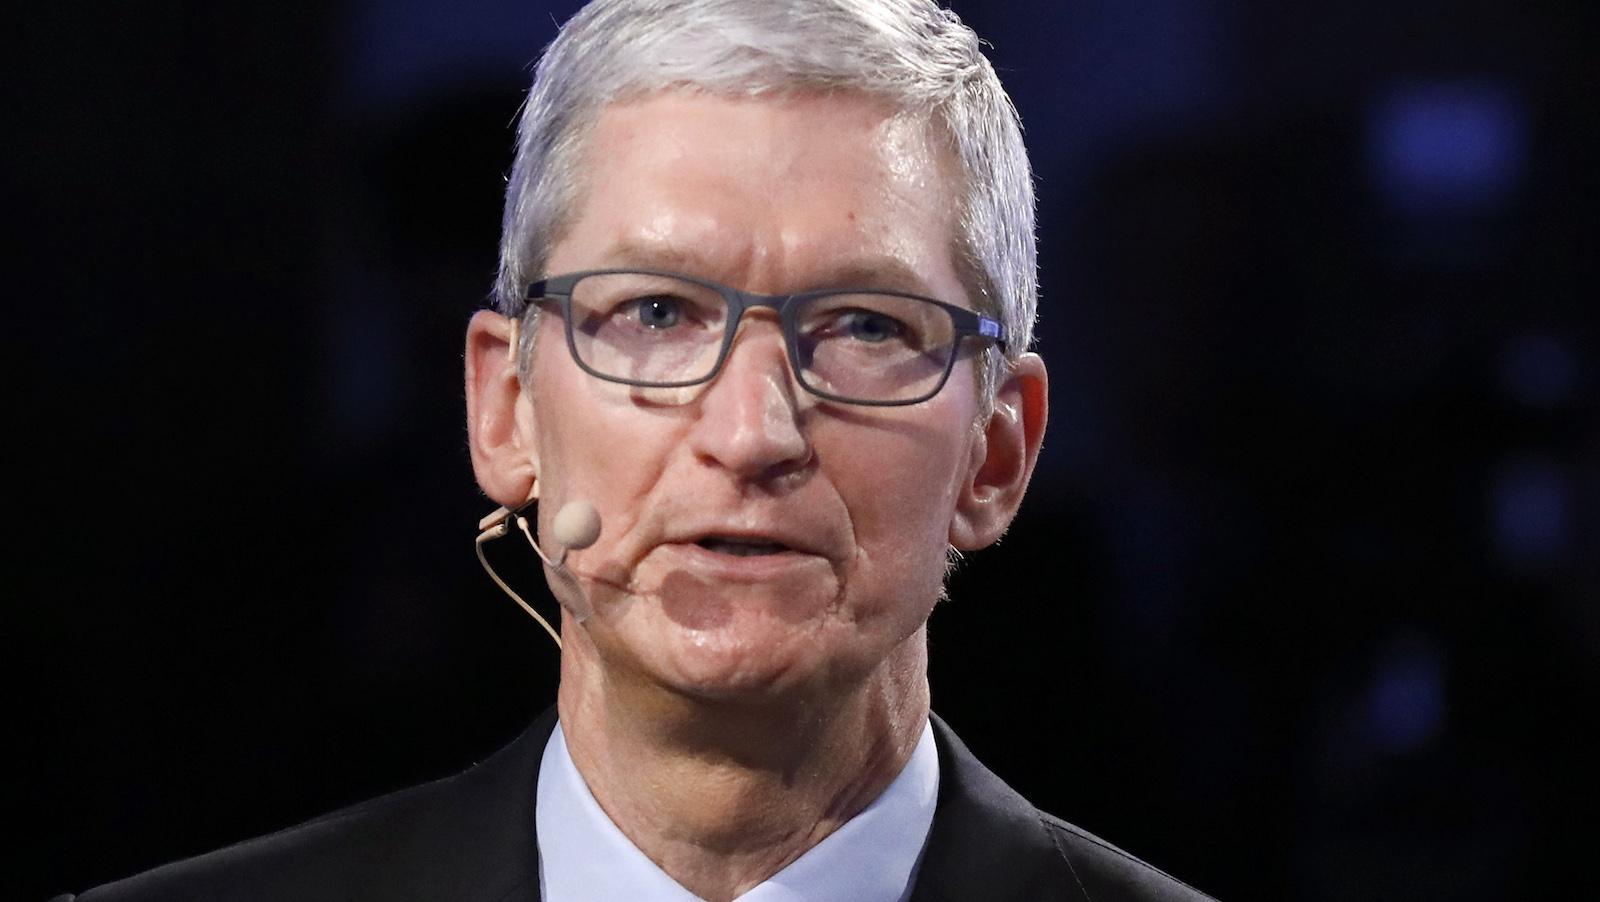 Apple CEO Tim Cook speaks at The Bloomberg Global Business Forum in New York, U.S., September 20, 2017. REUTERS/Brendan Mcdermid - HP1ED9K13PVYQ